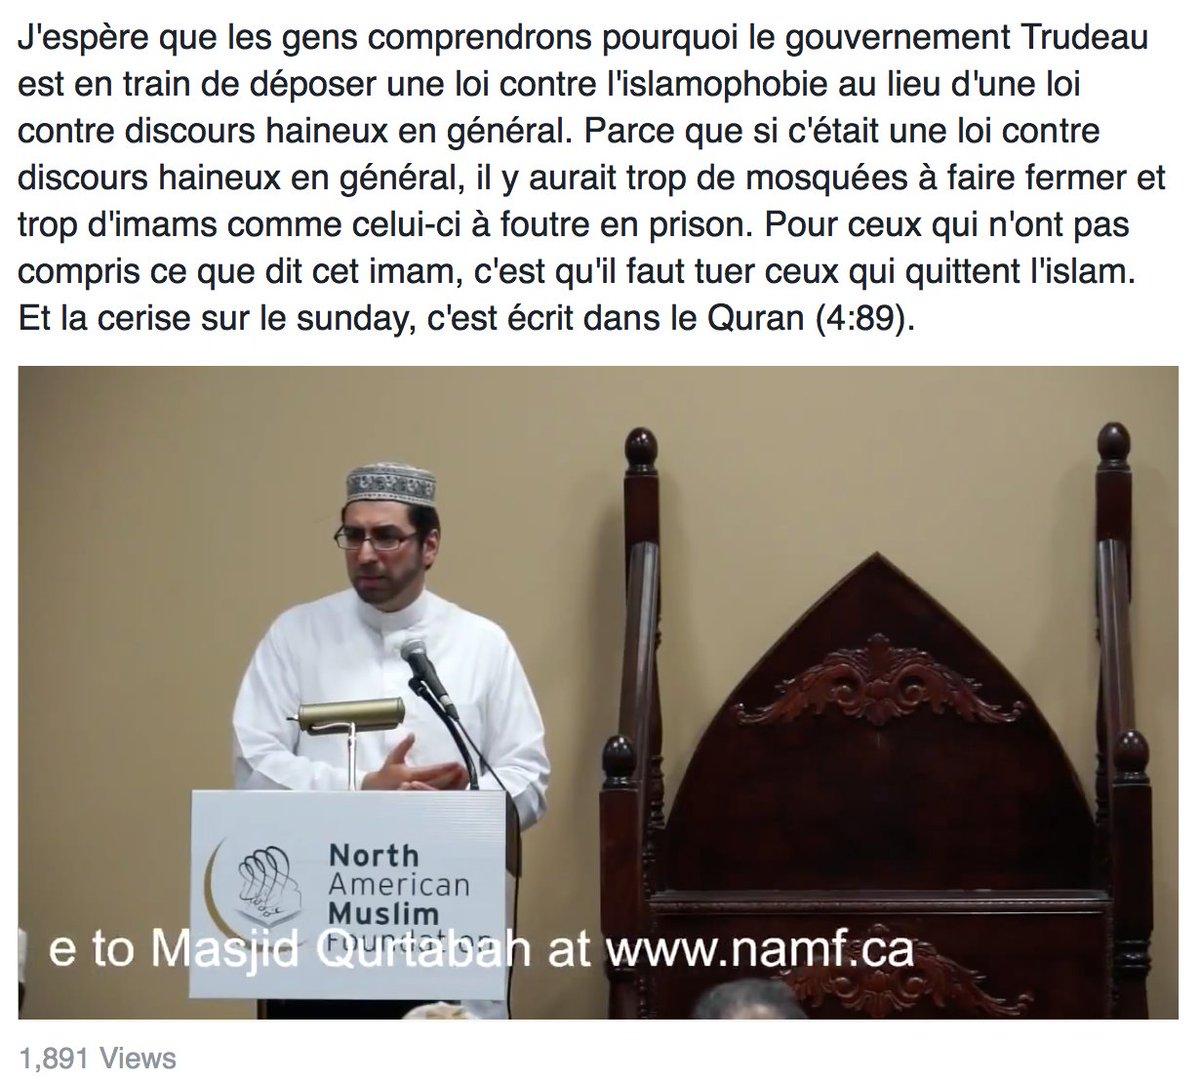 J&#39;espère que les gens comprendrons pourquoi le gouv. Trudeau va déposer une loi contre l&#39;islamophobie...#PLC #PLQ  https://www. facebook.com/AliCamusTheStr anger/posts/1900743670156073 &nbsp; … <br>http://pic.twitter.com/lN3nSfRs0w